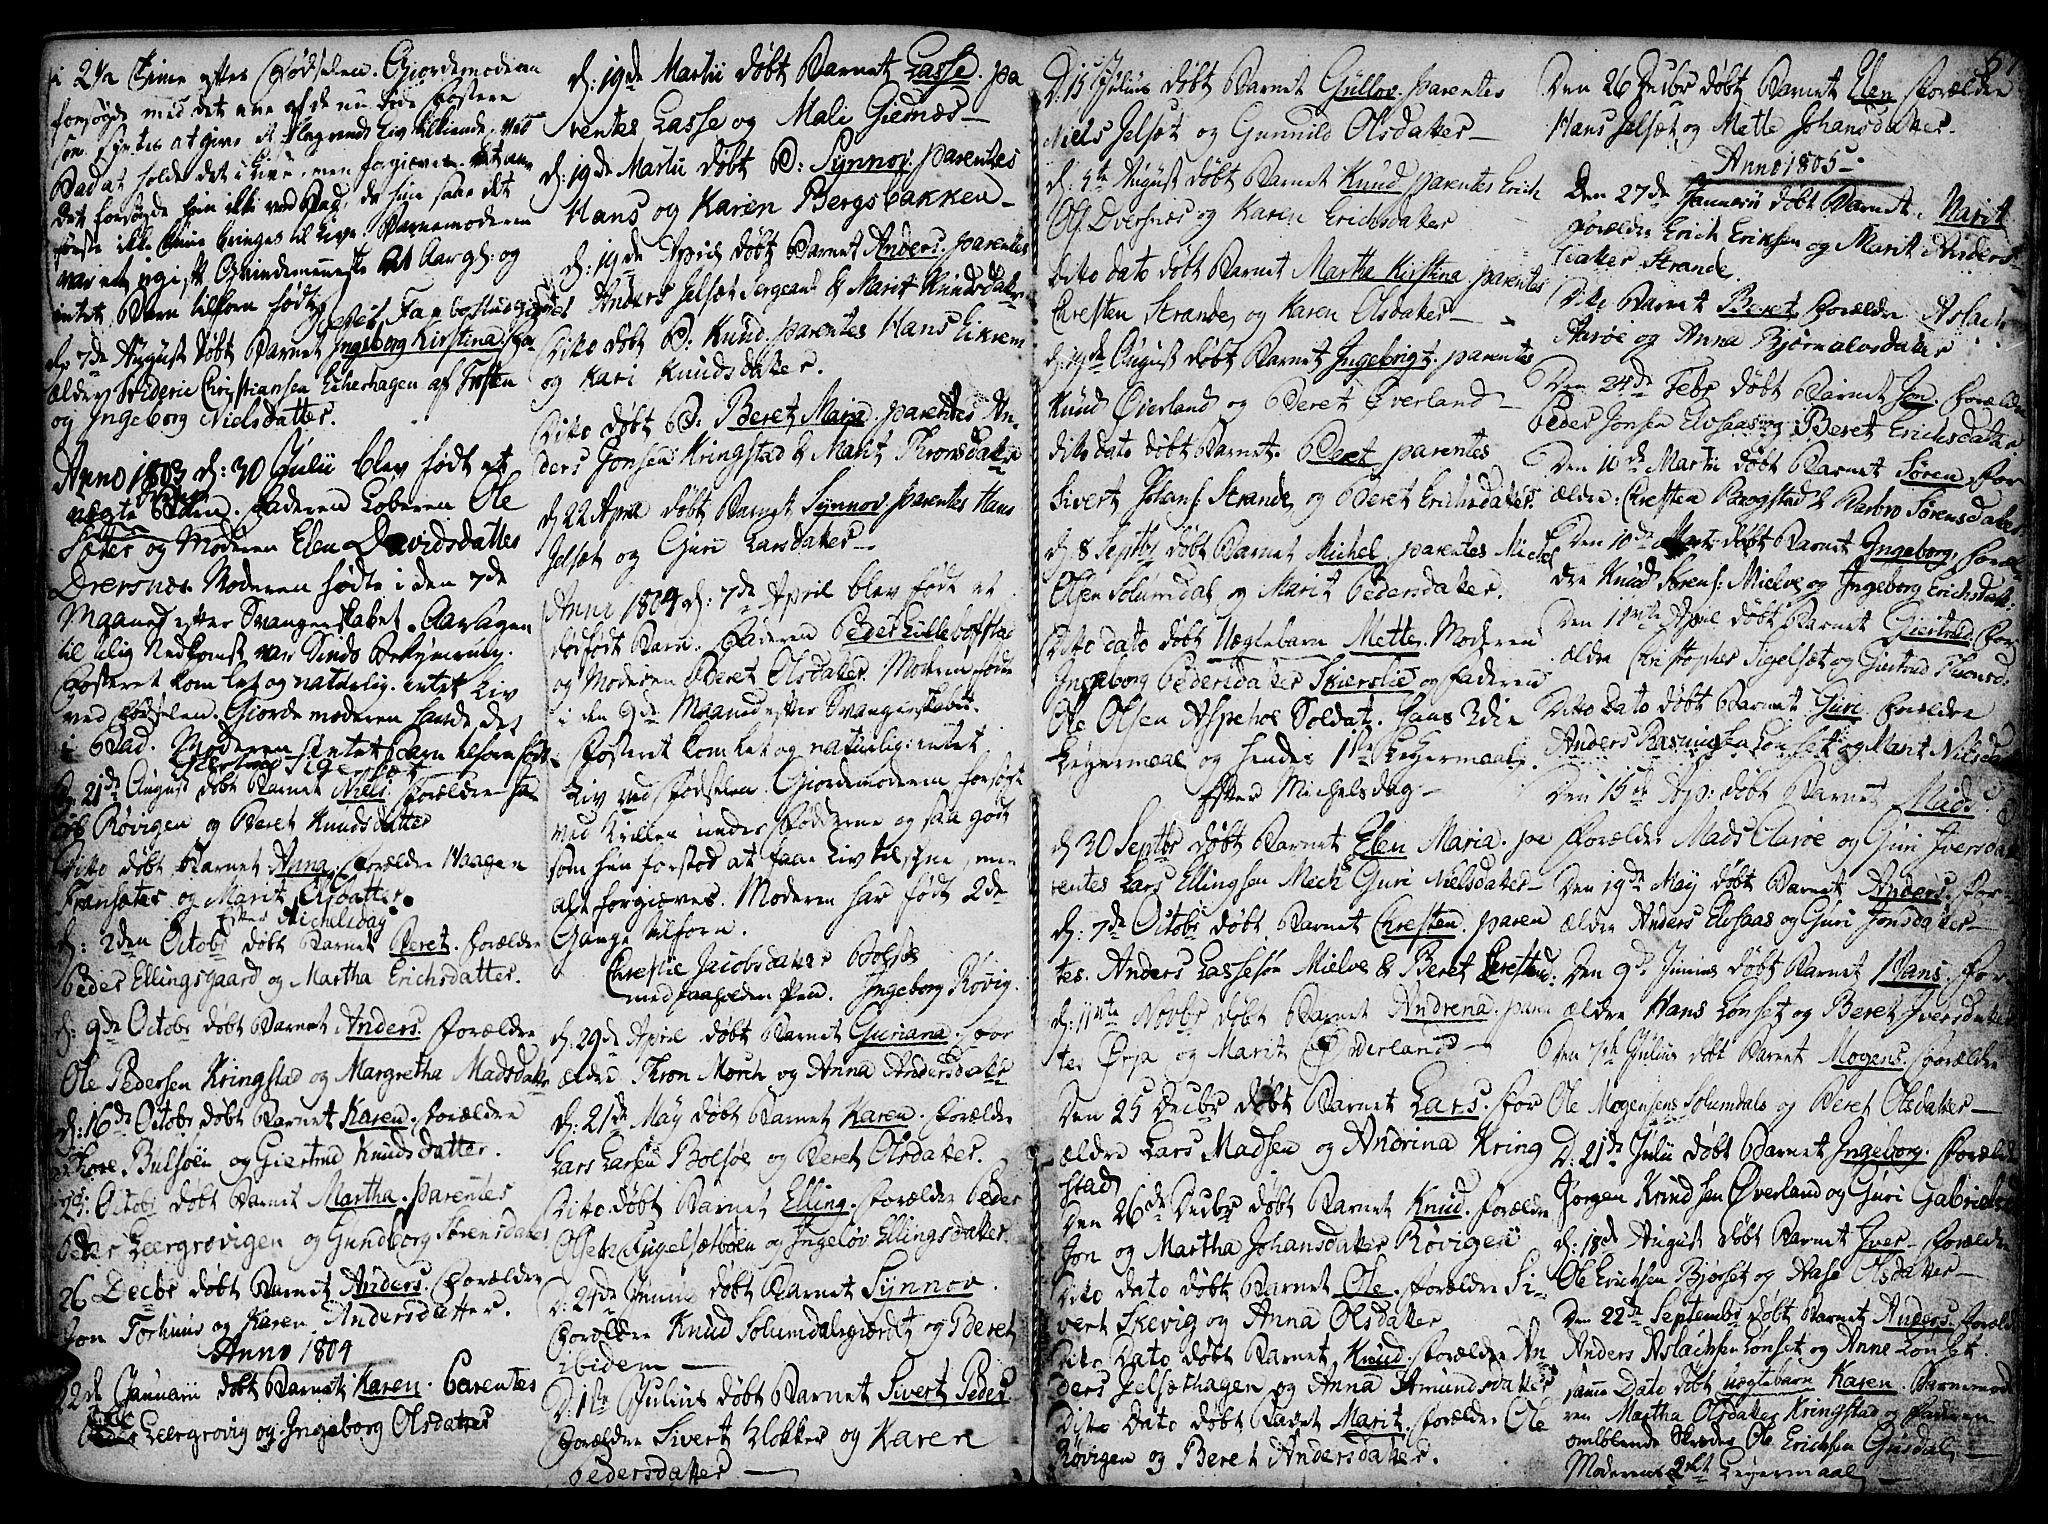 SAT, Ministerialprotokoller, klokkerbøker og fødselsregistre - Møre og Romsdal, 555/L0649: Ministerialbok nr. 555A02 /1, 1795-1821, s. 57